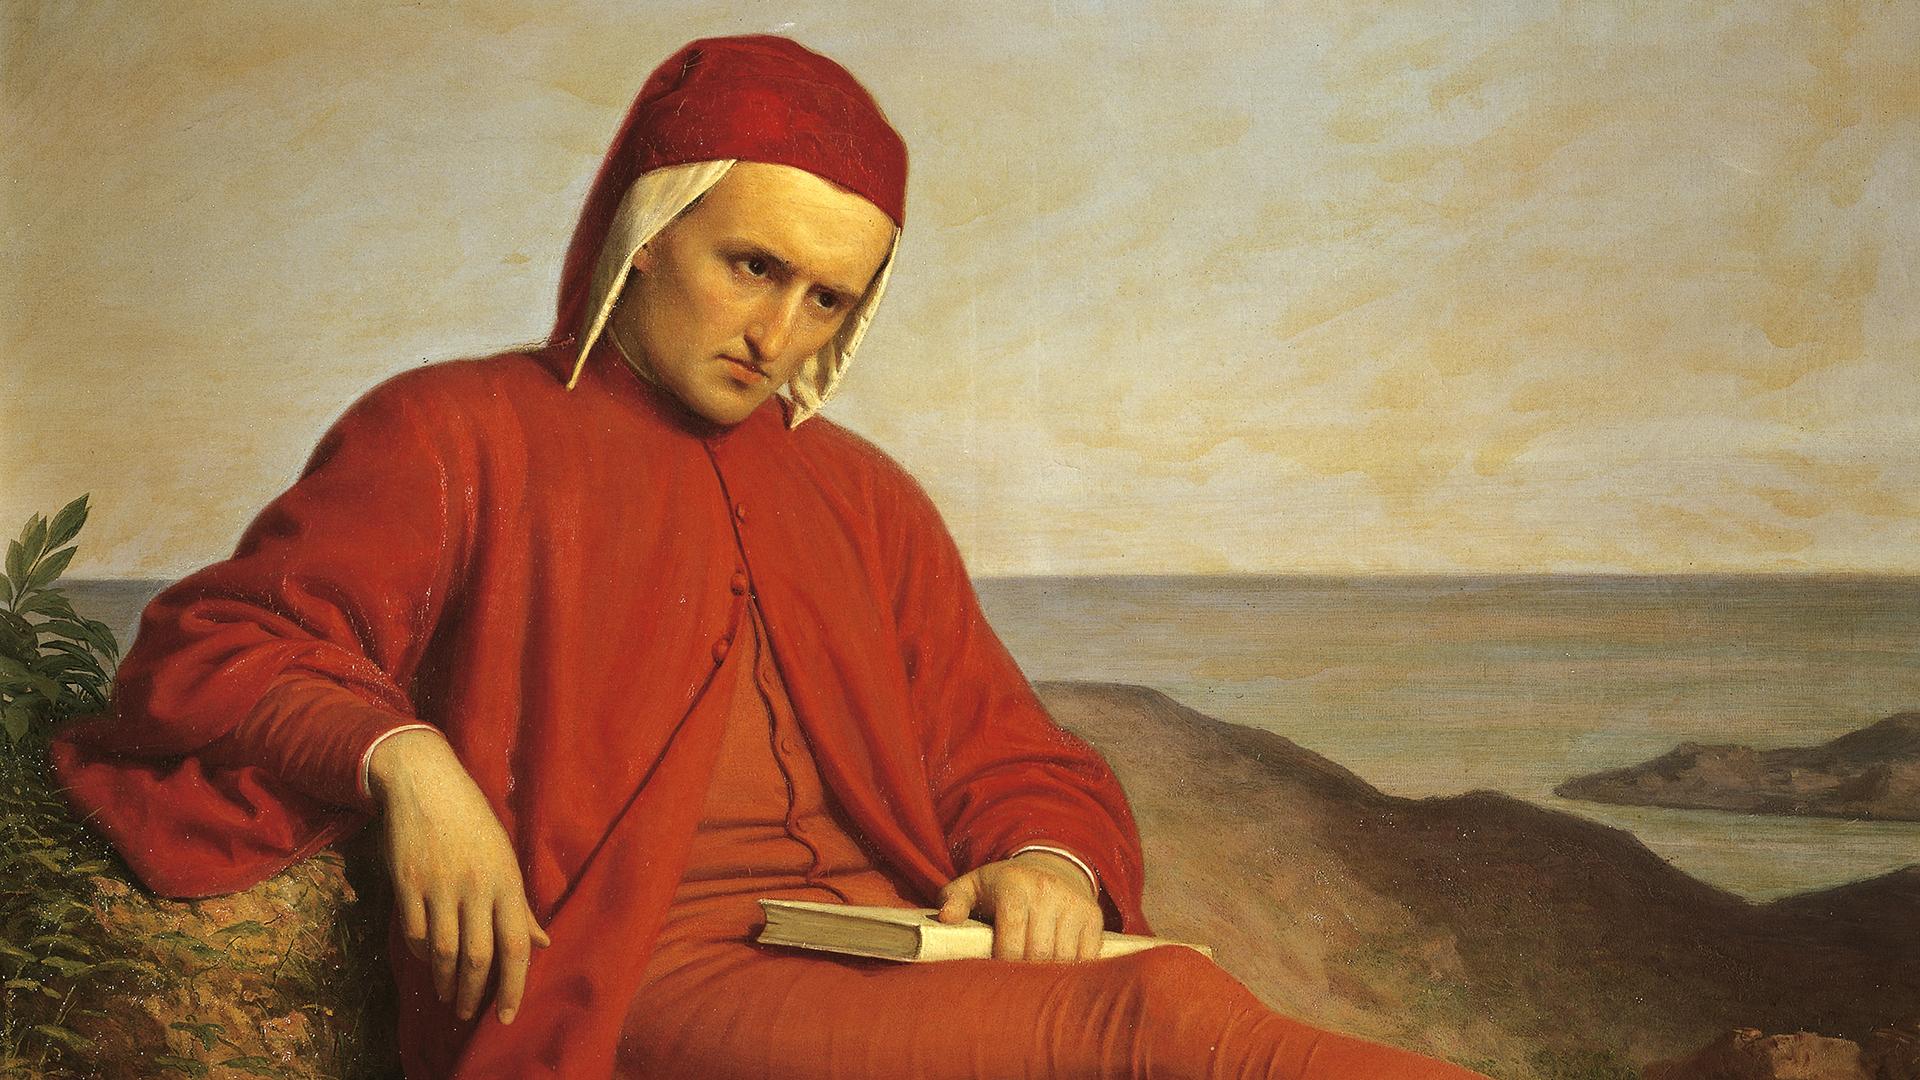 Újratárgyalják Dante halálos ítéletét